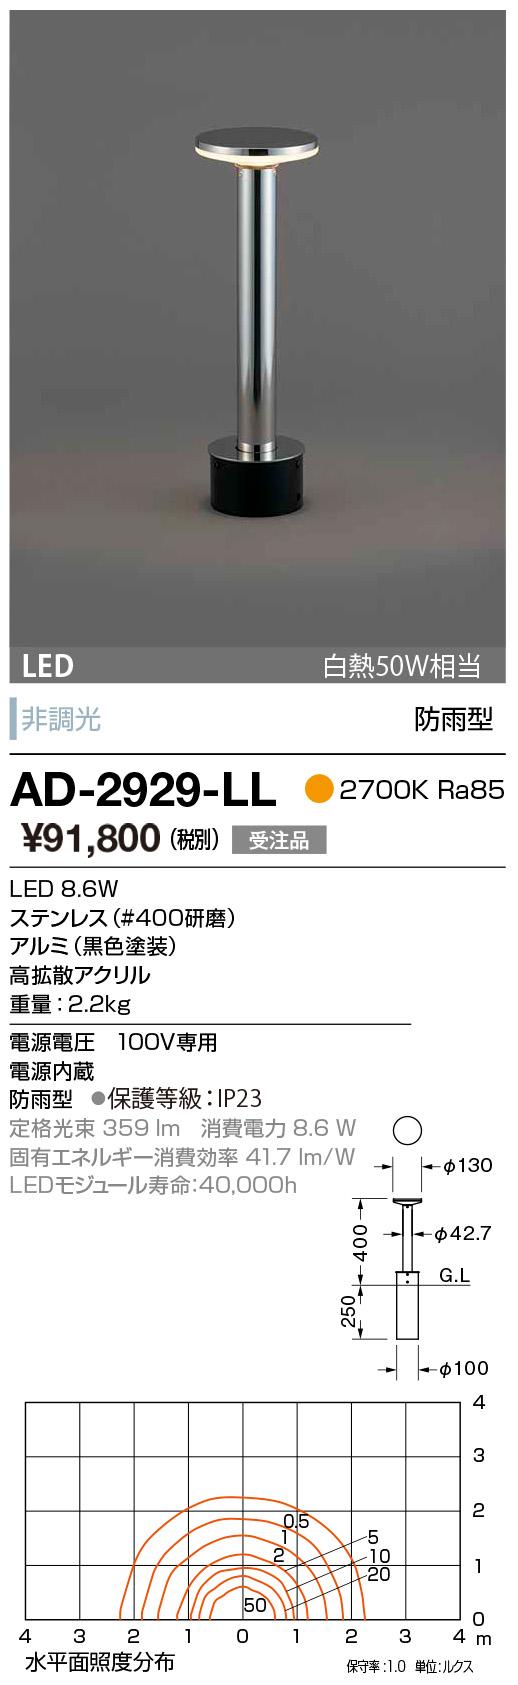 AD-2929-LL 山田照明 照明器具 エクステリア LED一体型スーパースリムガーデンライト 下方配光 電球色 白熱50W相当 非調光 防雨型